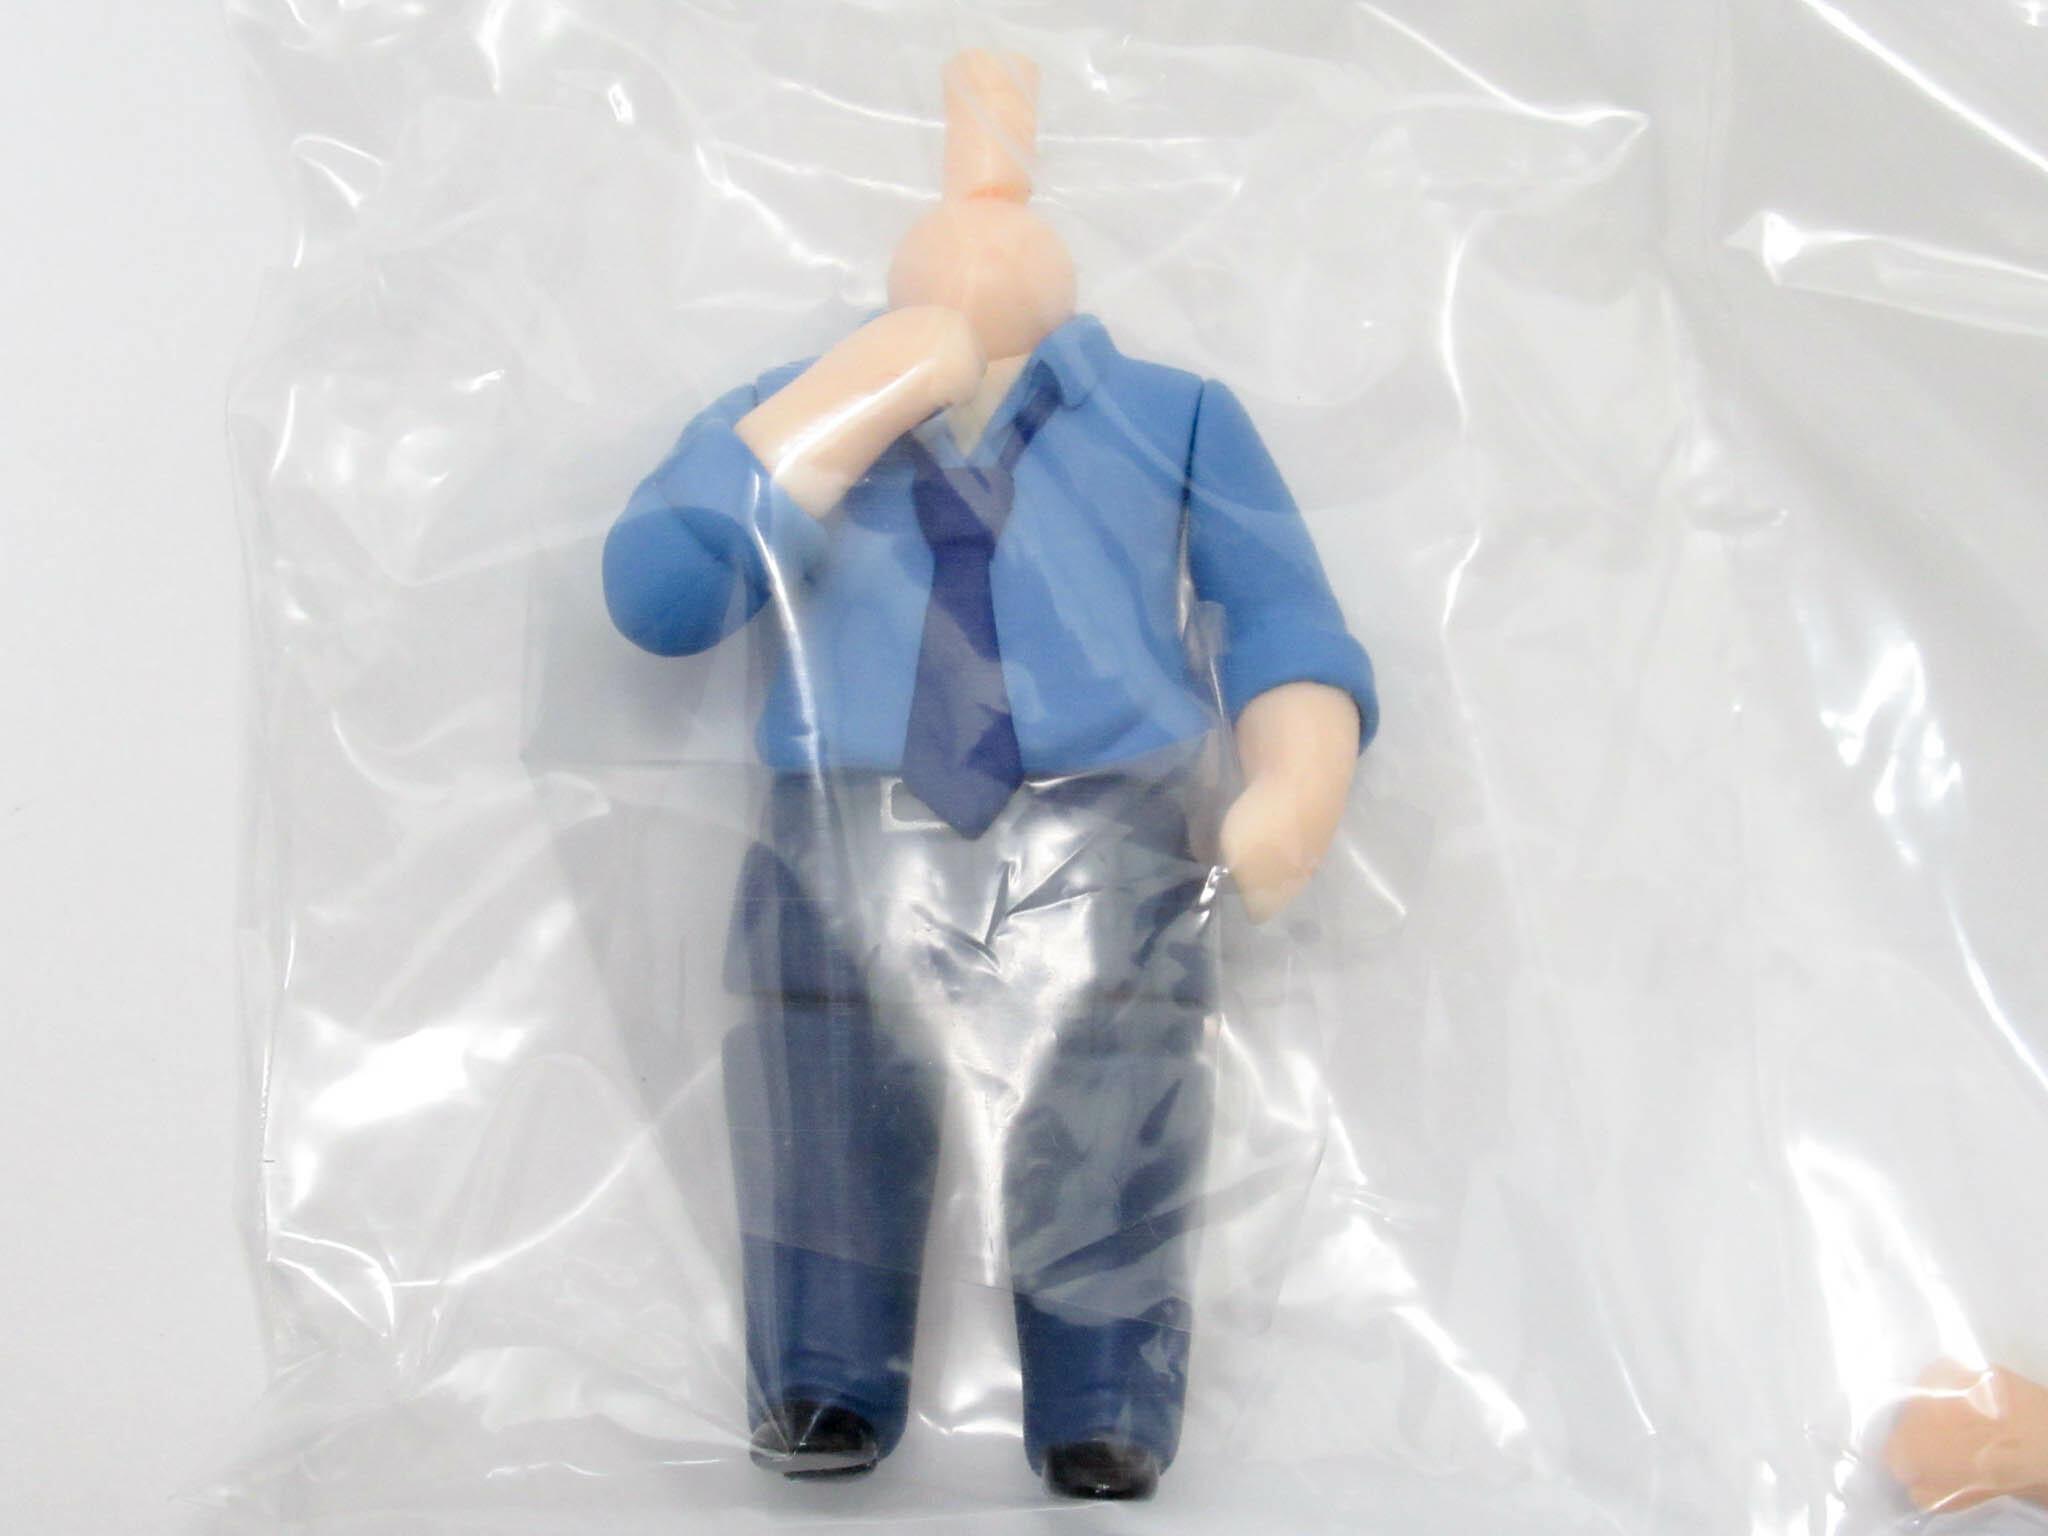 再入荷 ねんどろいどもあ きせかえスーツ02 体パーツ ブルーシャツ